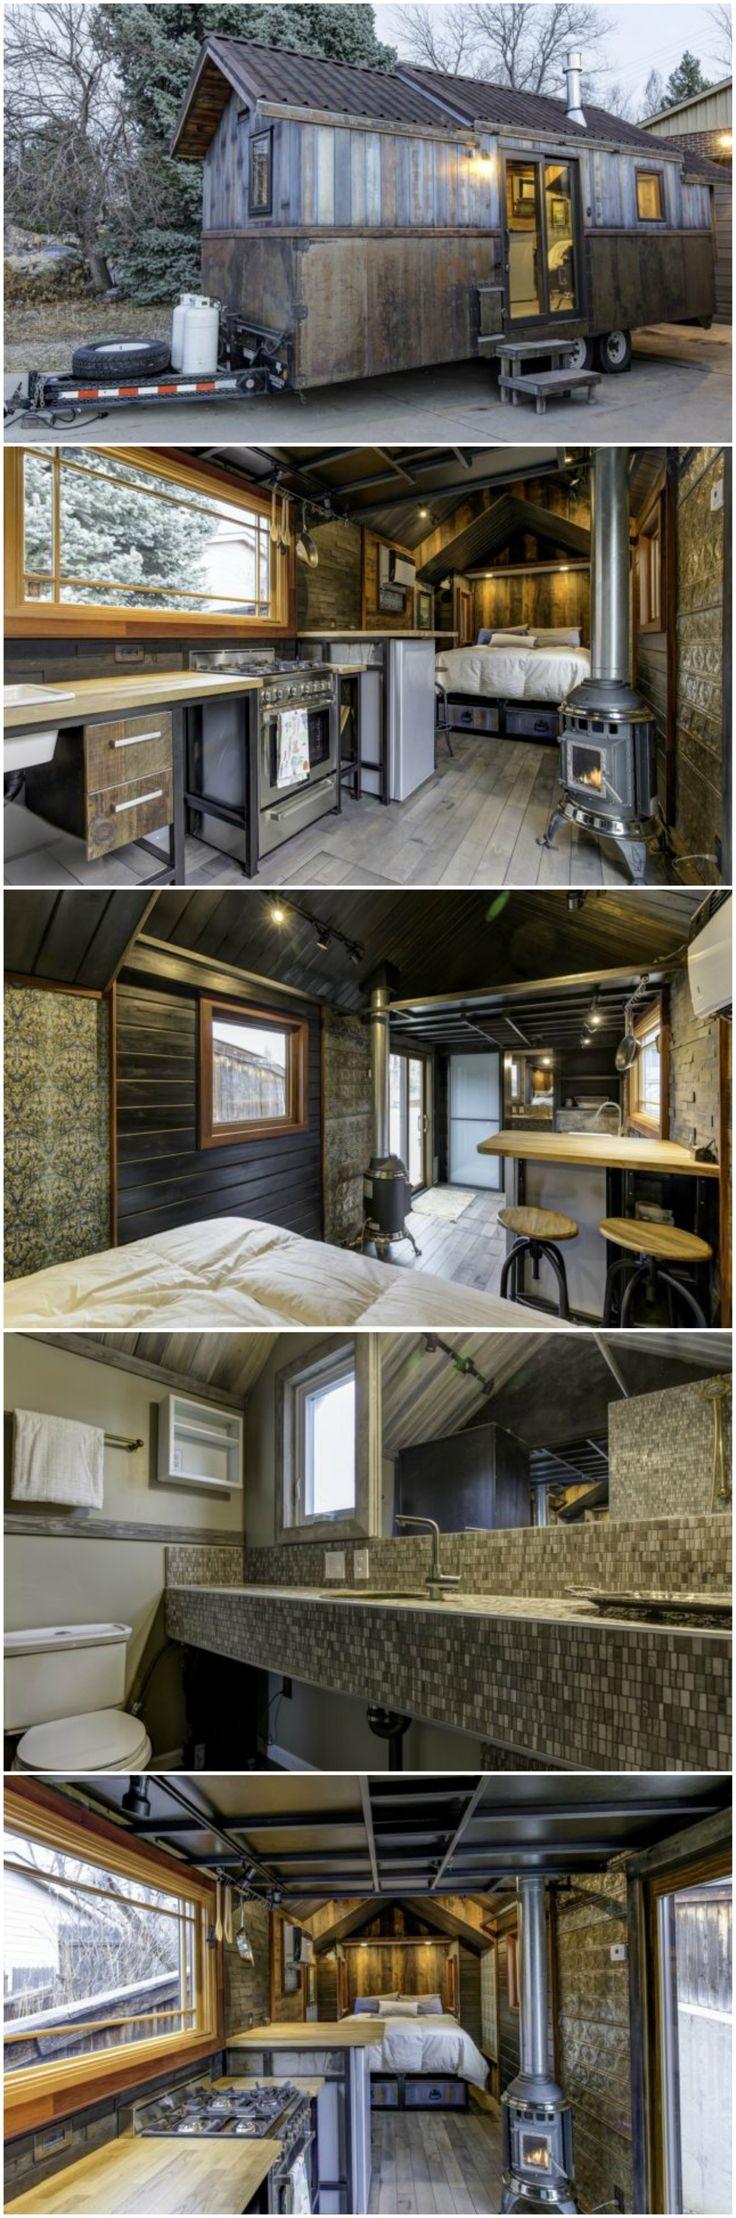 Luxurious Single Level Tiny House